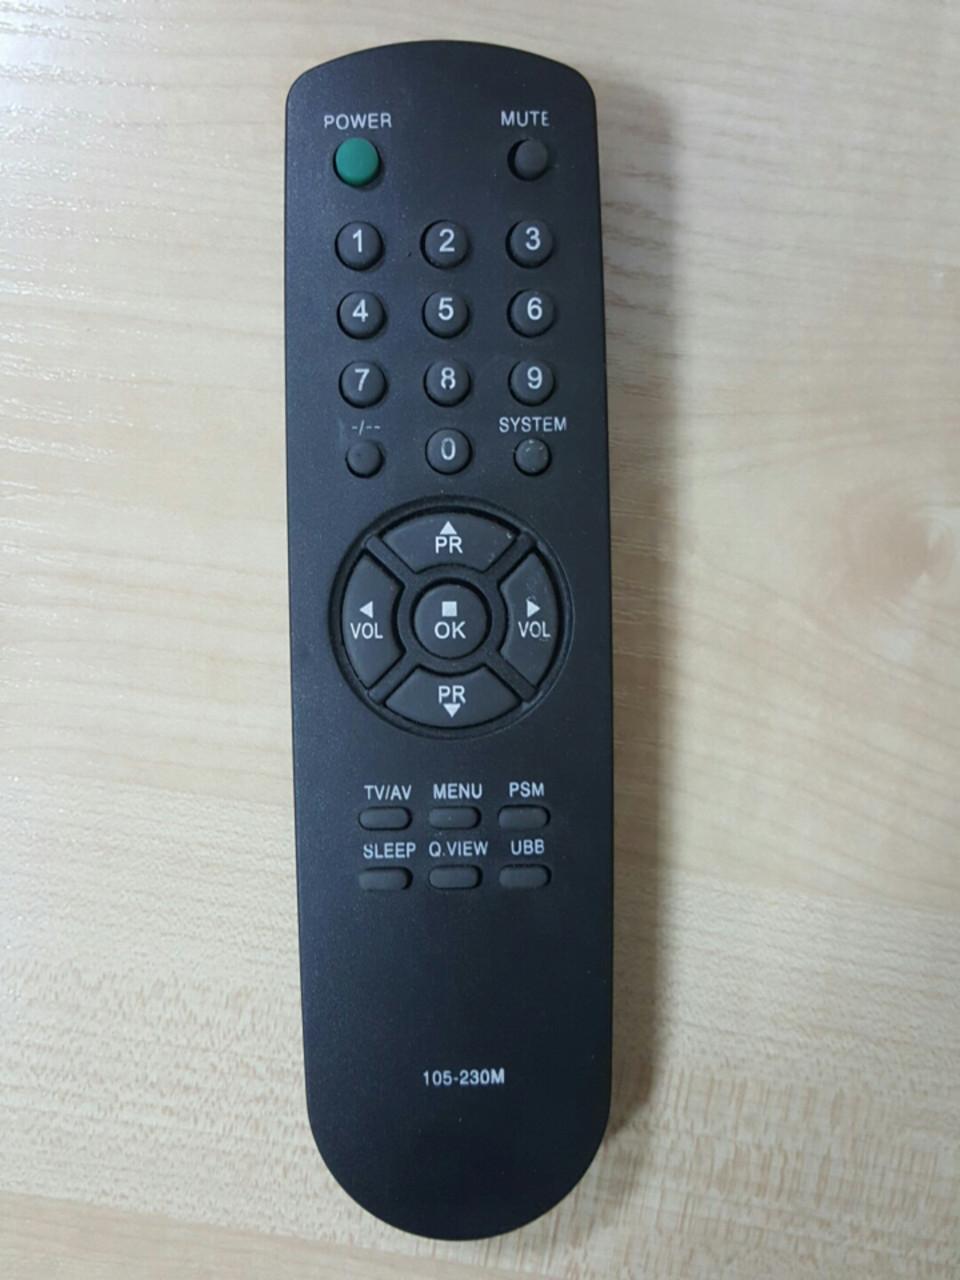 Пульт ДК LG 105-230M